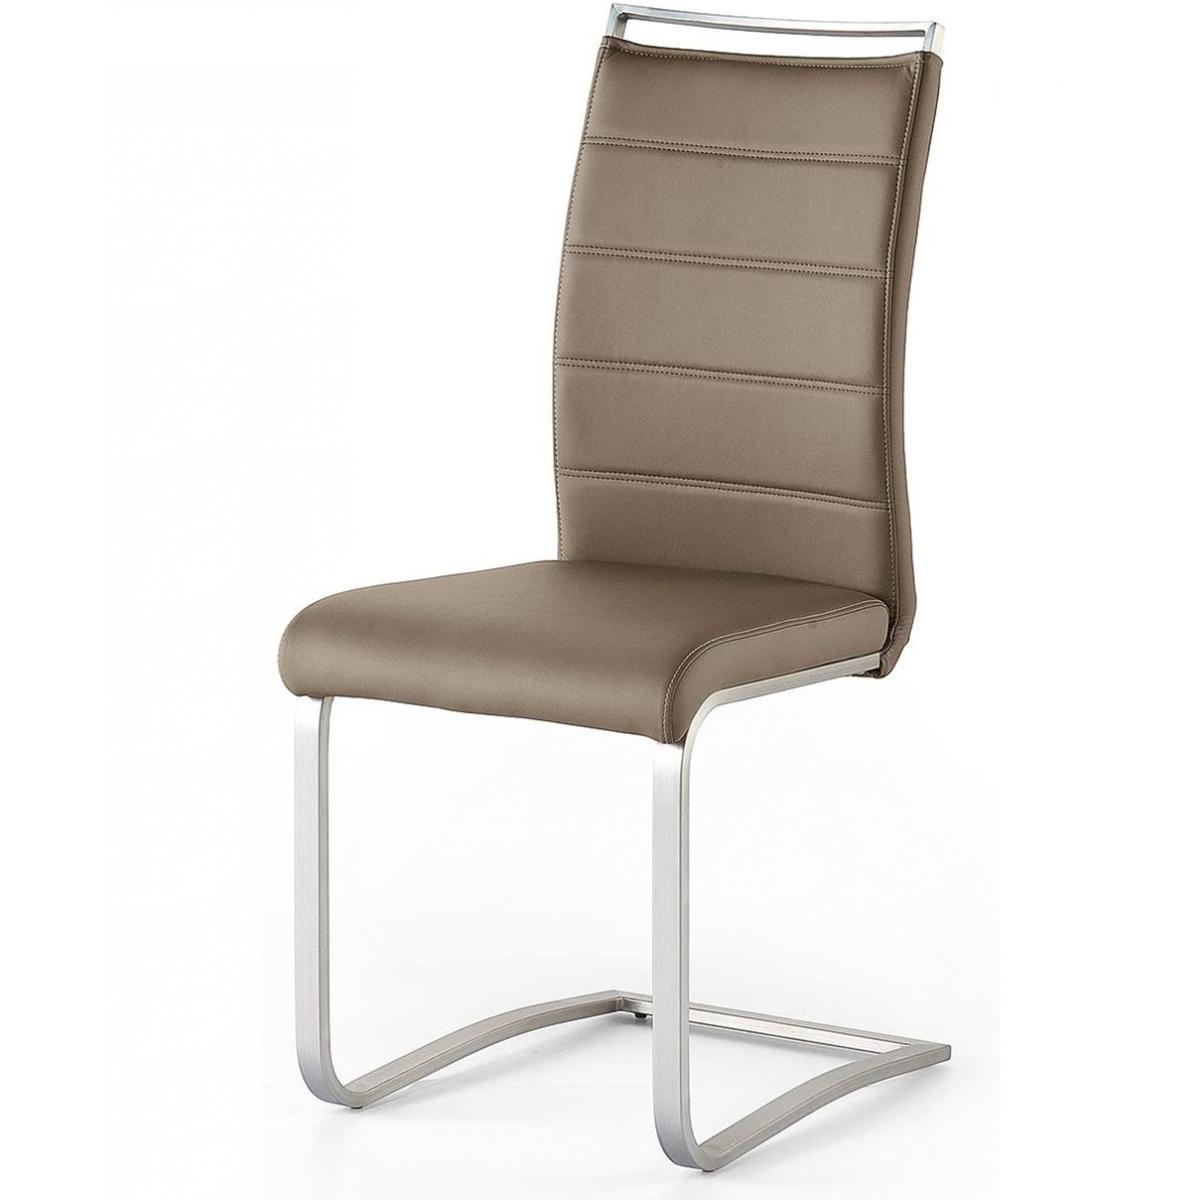 Pegane Lot de 2 chaises en acier et simili cuir coloris cappuccino - L.42 x H.102 x P.56 cm -PEGANE-